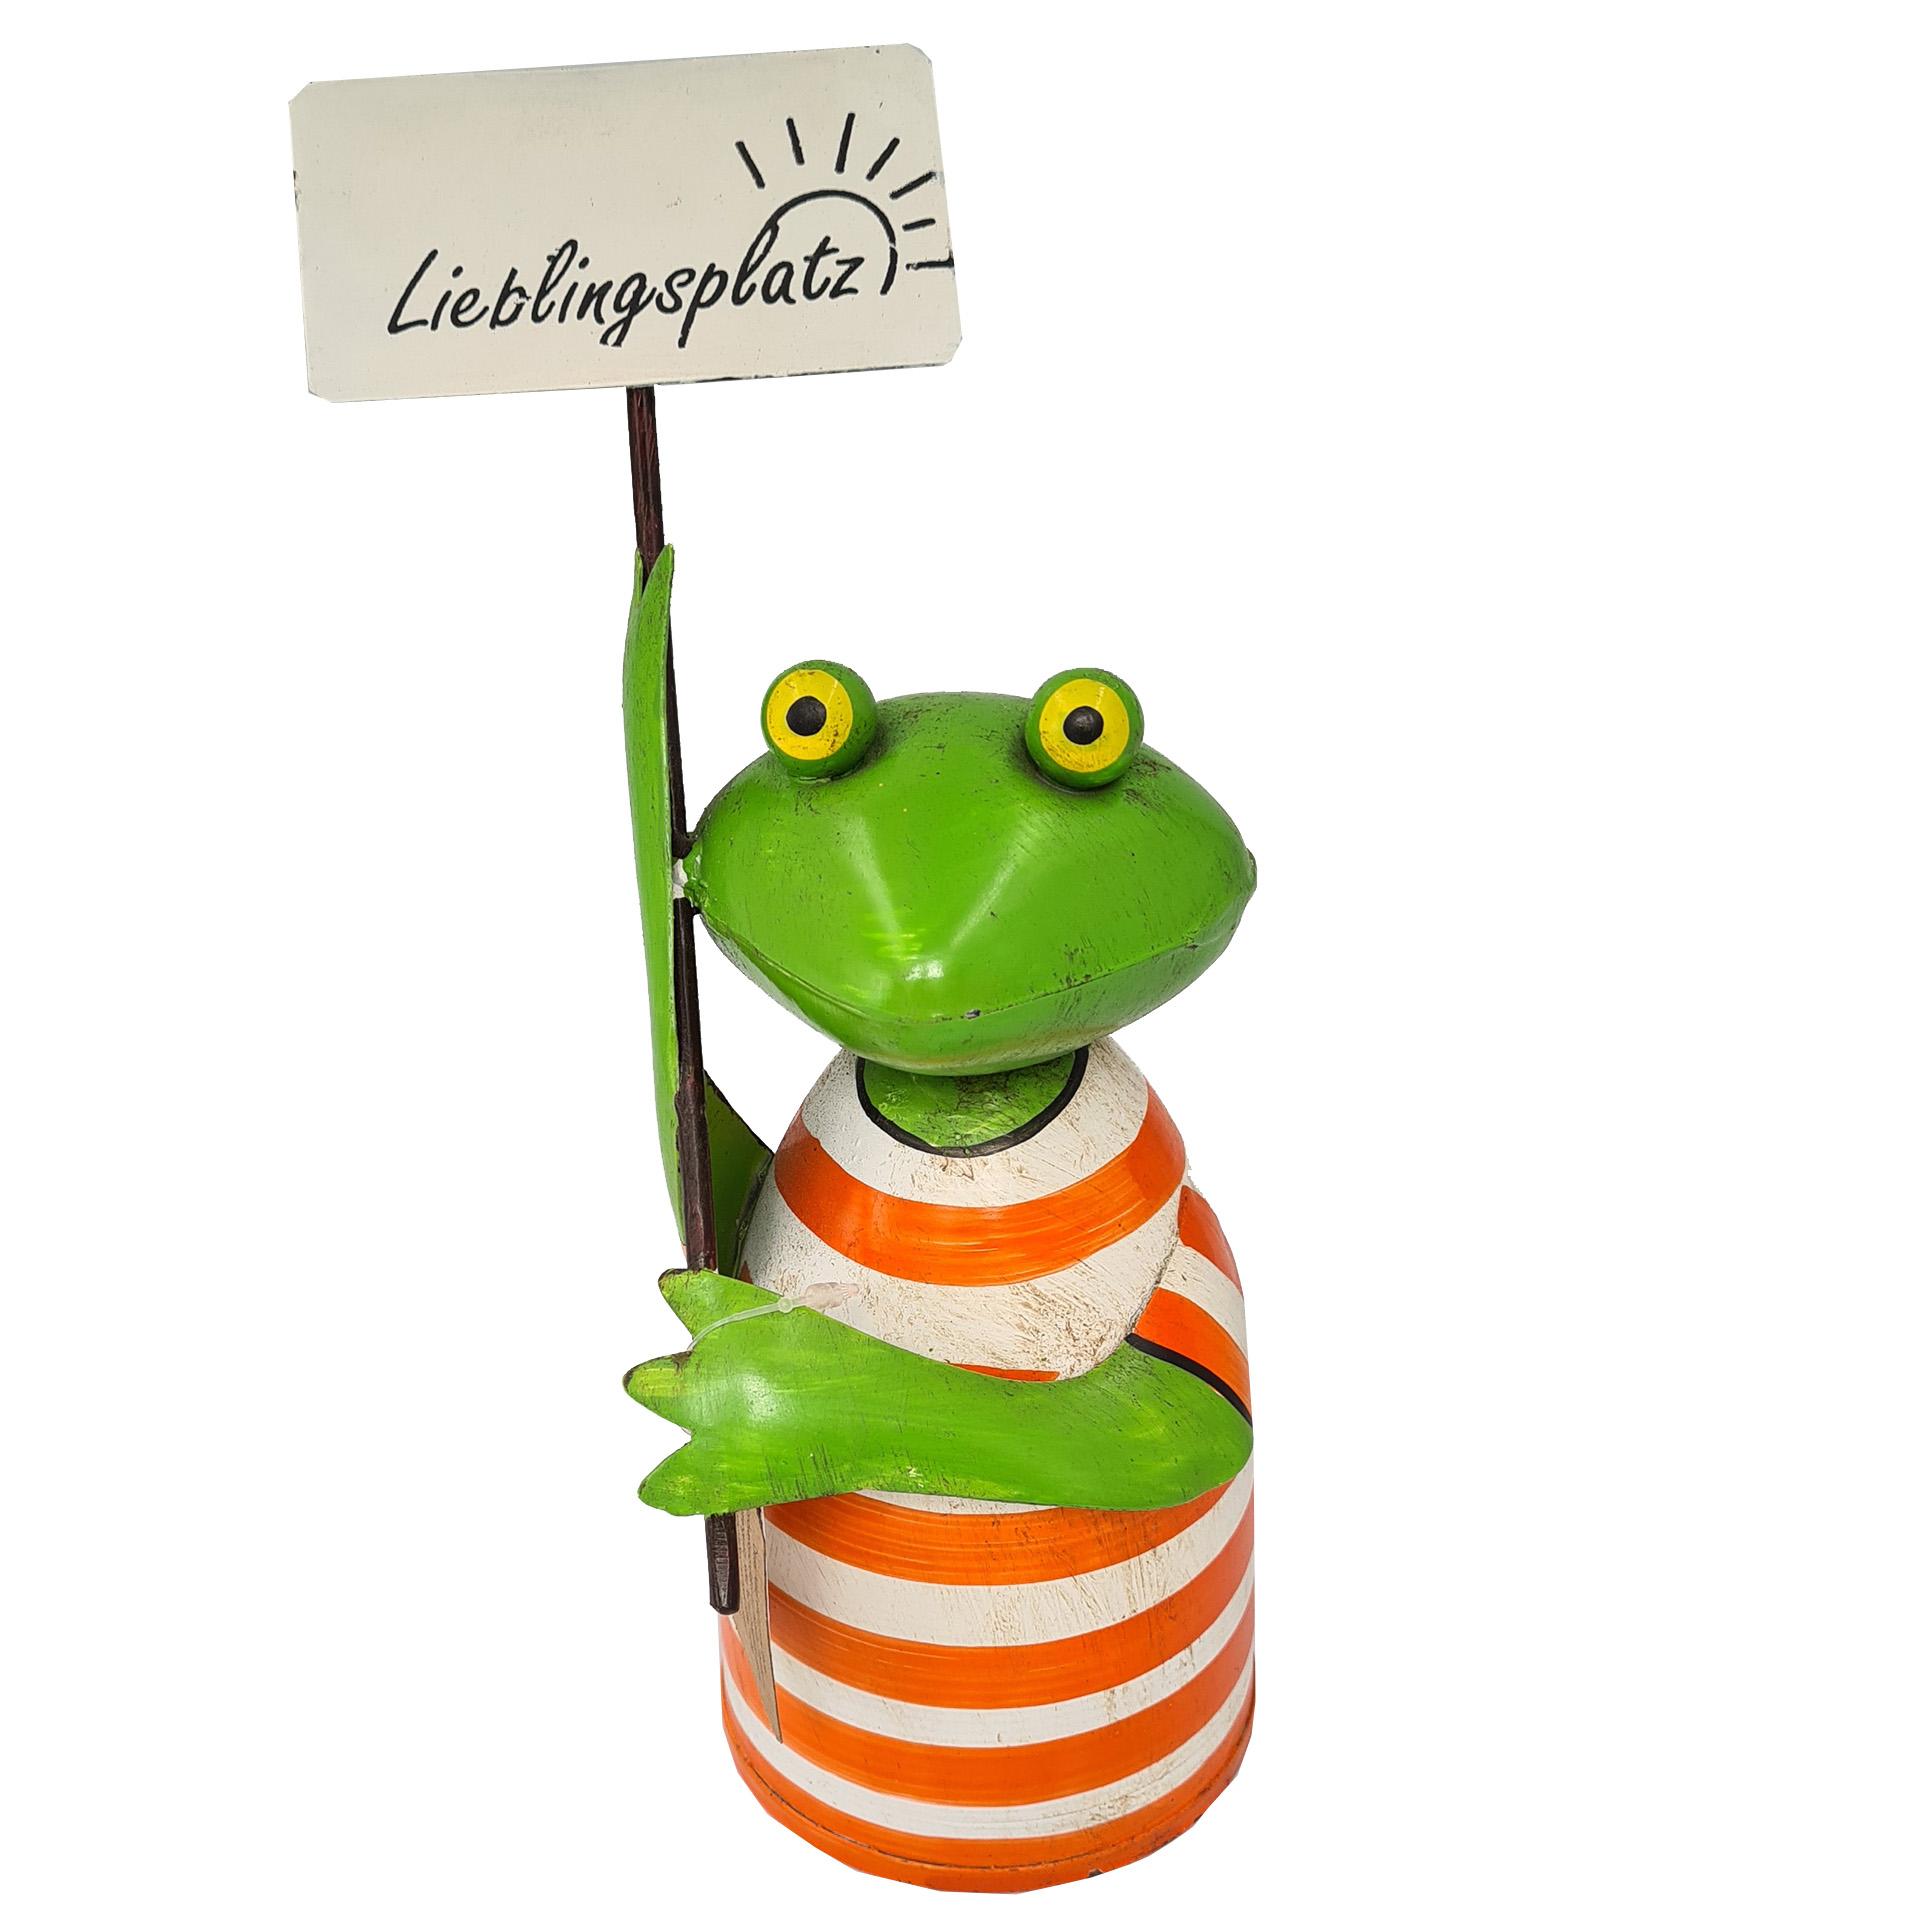 Zaunhocker Frosch mit Schild - Lieblingsplatz